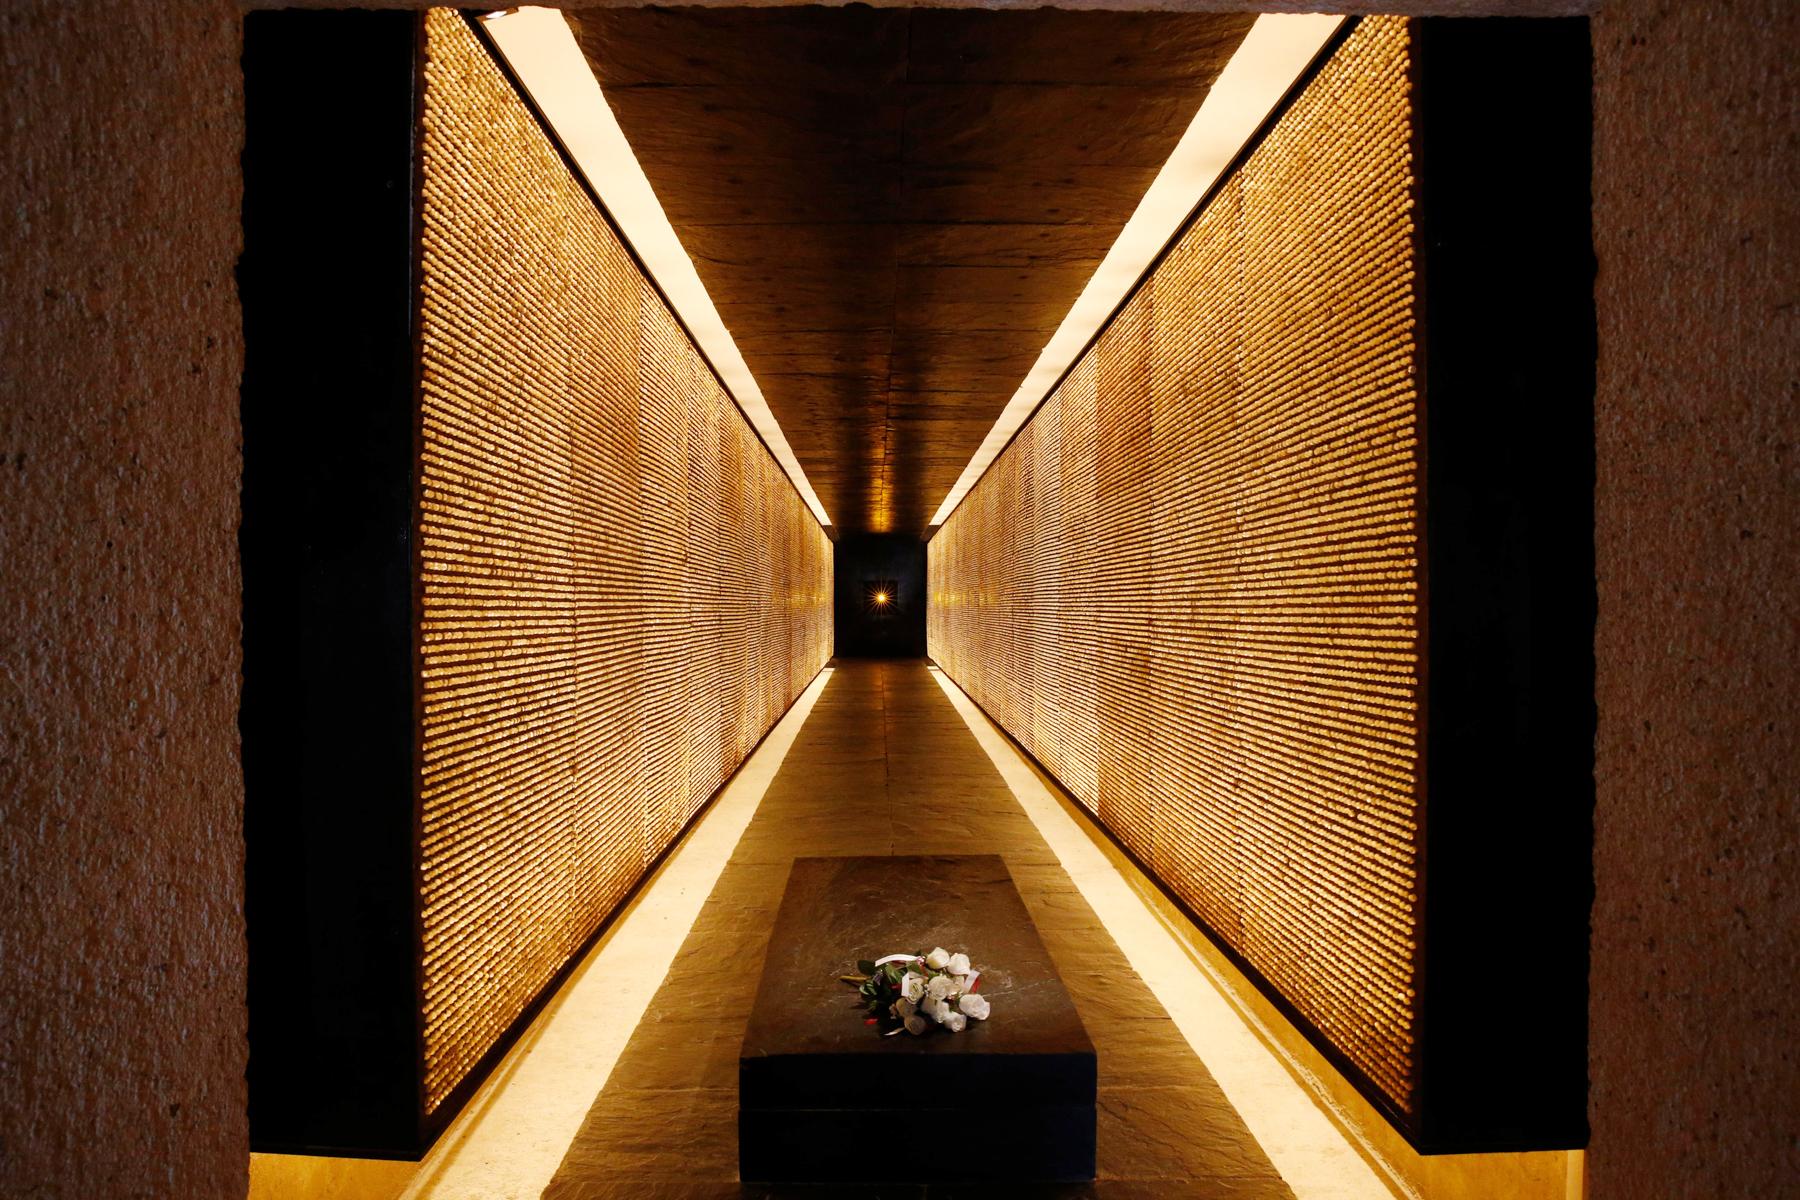 Murs d'un couloir couverts de milliers de petites lumières allumées (Alamy)